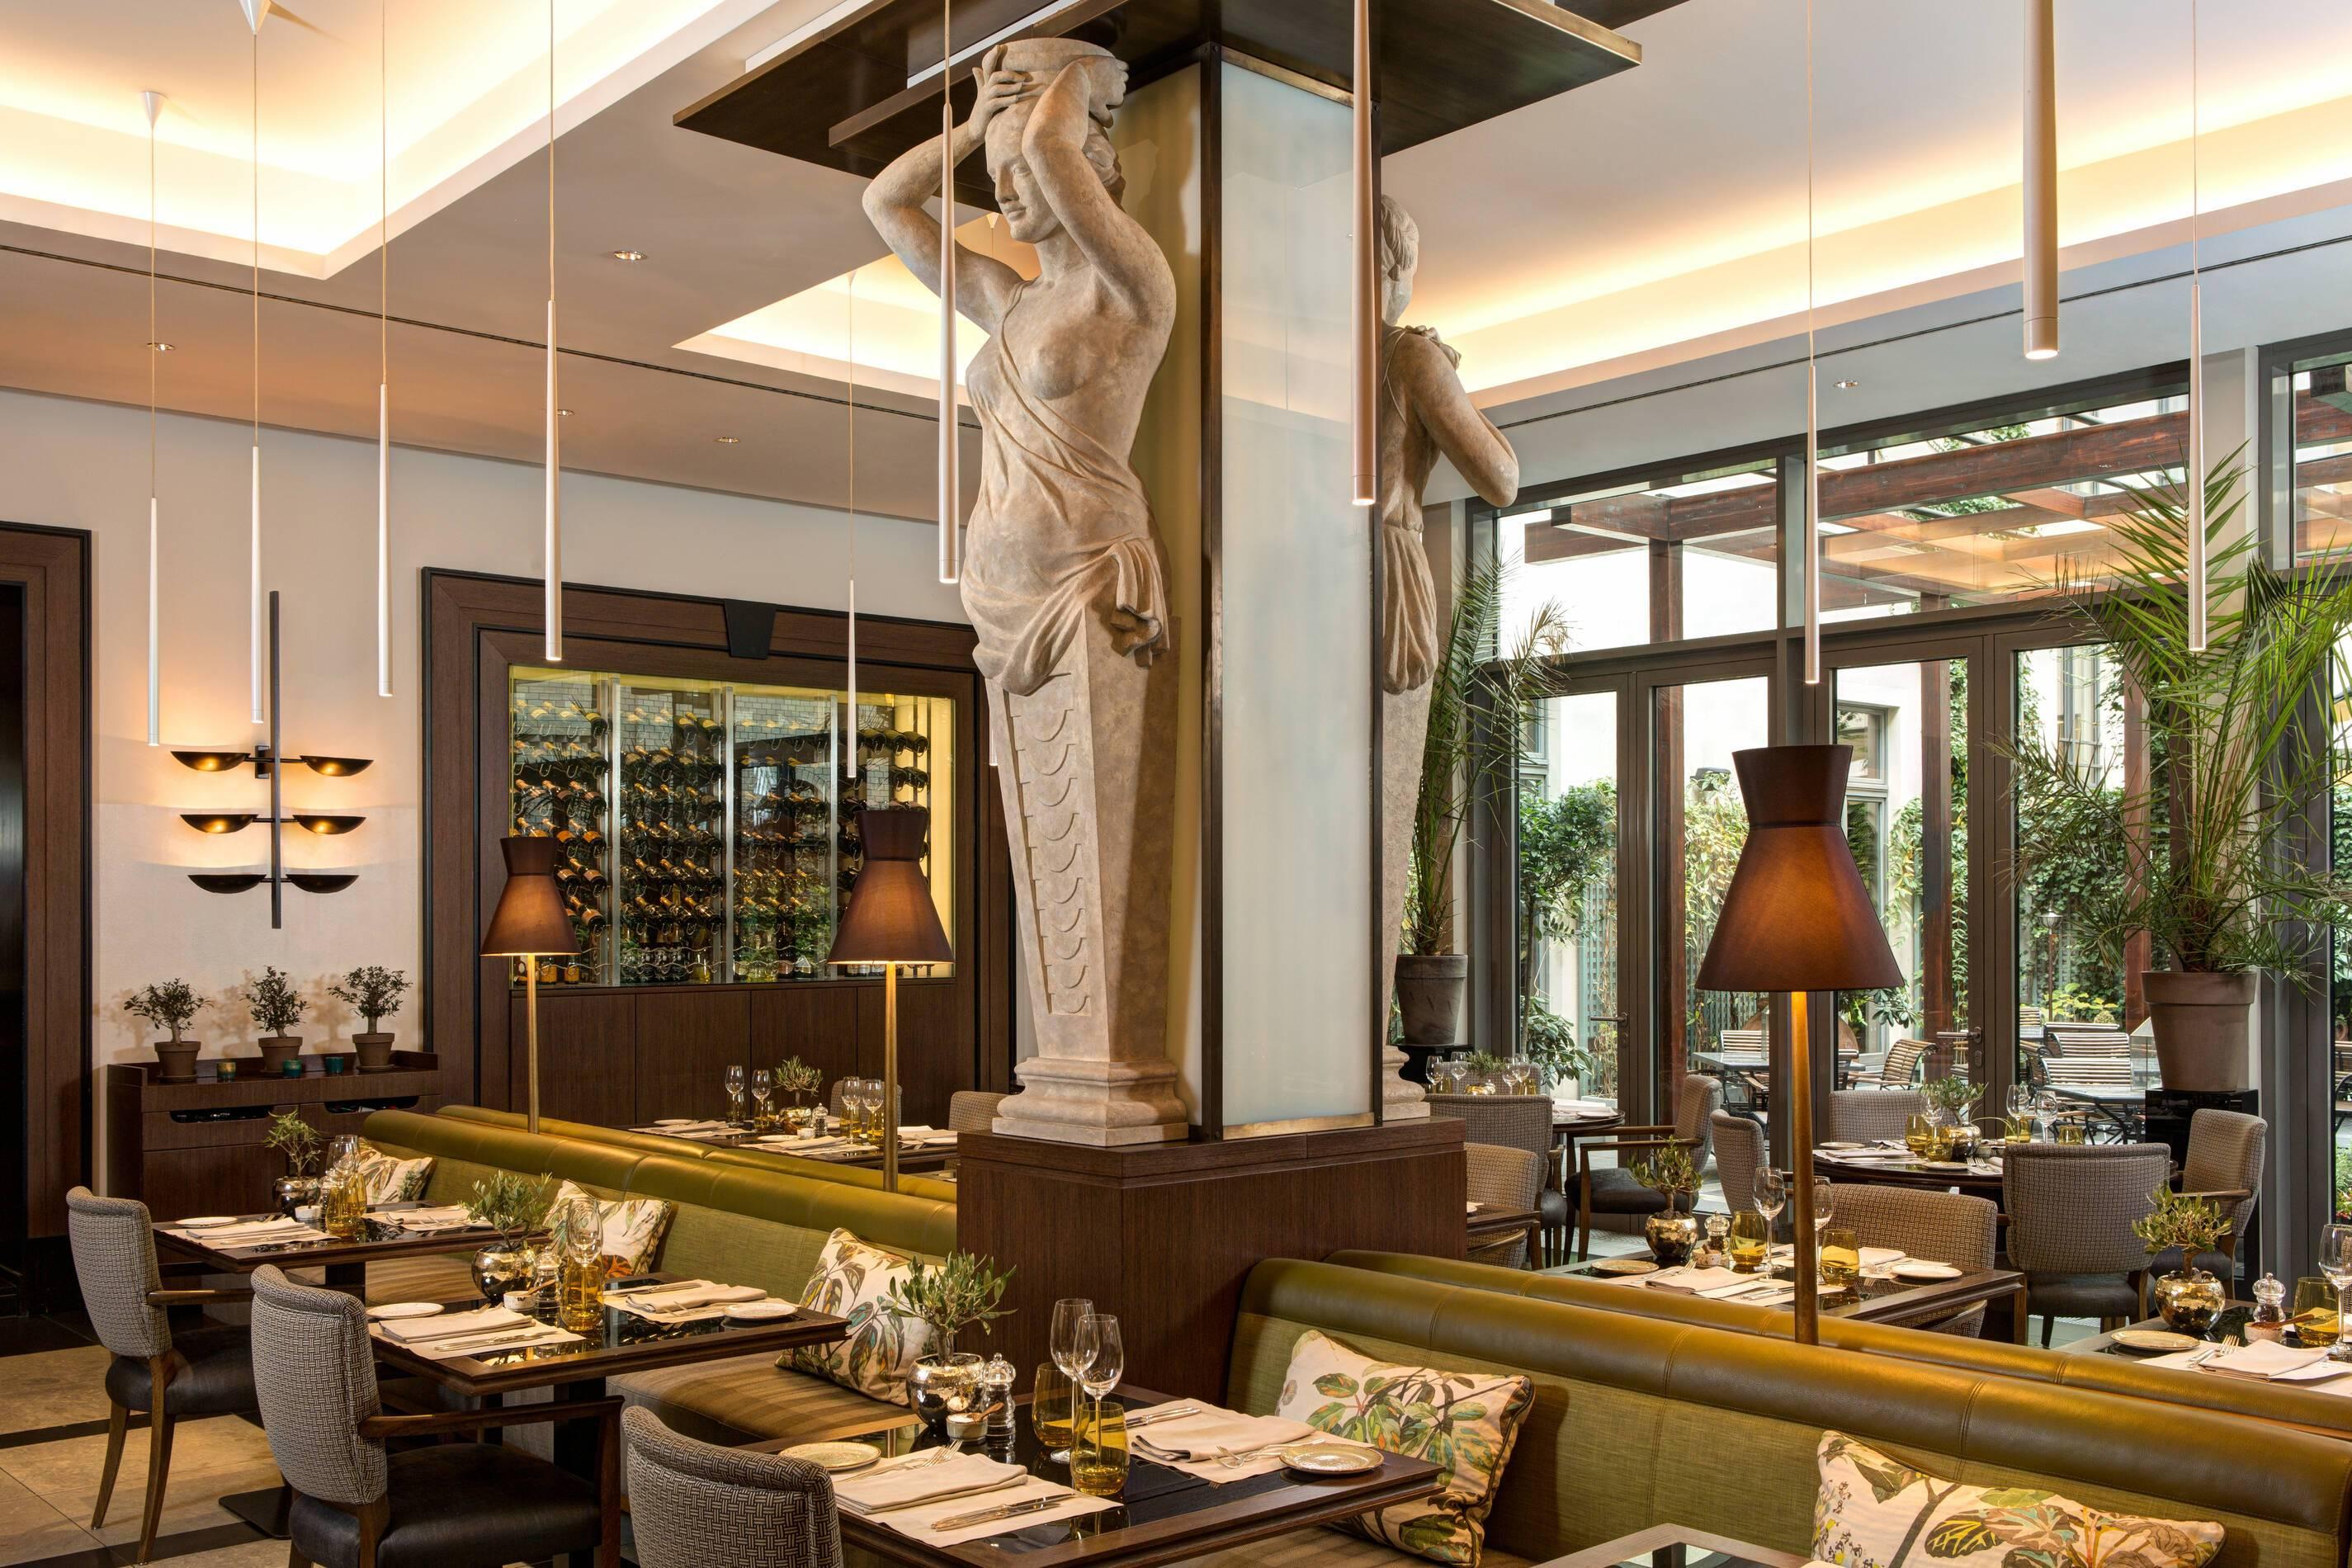 Hotel-de-Rome-Berlin-Rocco-Forte-La-Banca-Restaurant